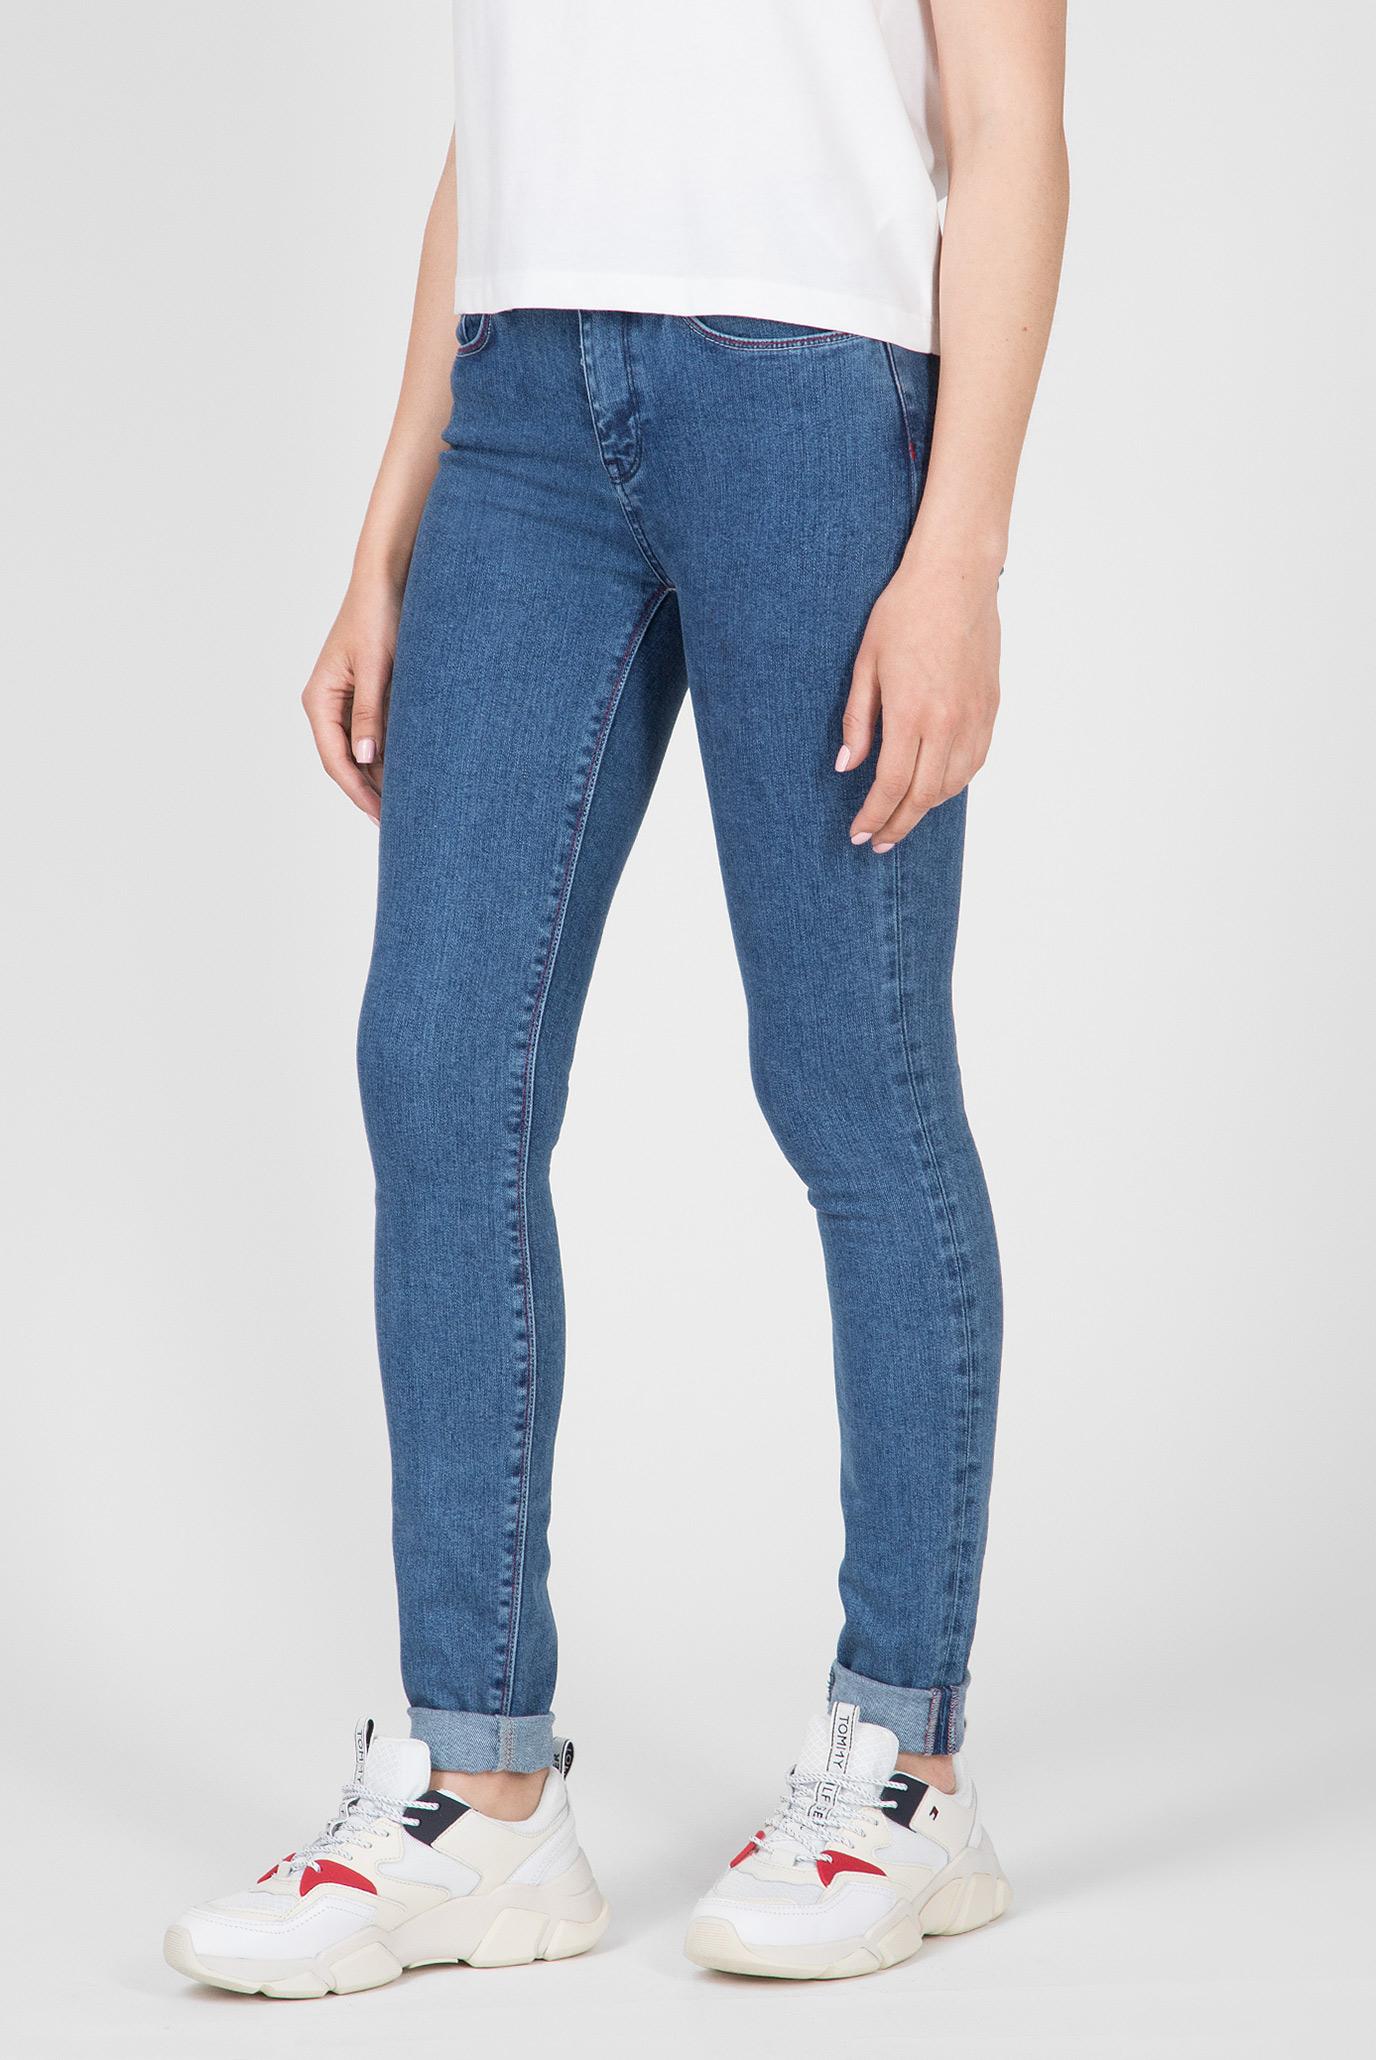 Купить Женские синие джинсы COMO SKINNY RW ALEKA Tommy Hilfiger Tommy Hilfiger WW0WW24481 – Киев, Украина. Цены в интернет магазине MD Fashion